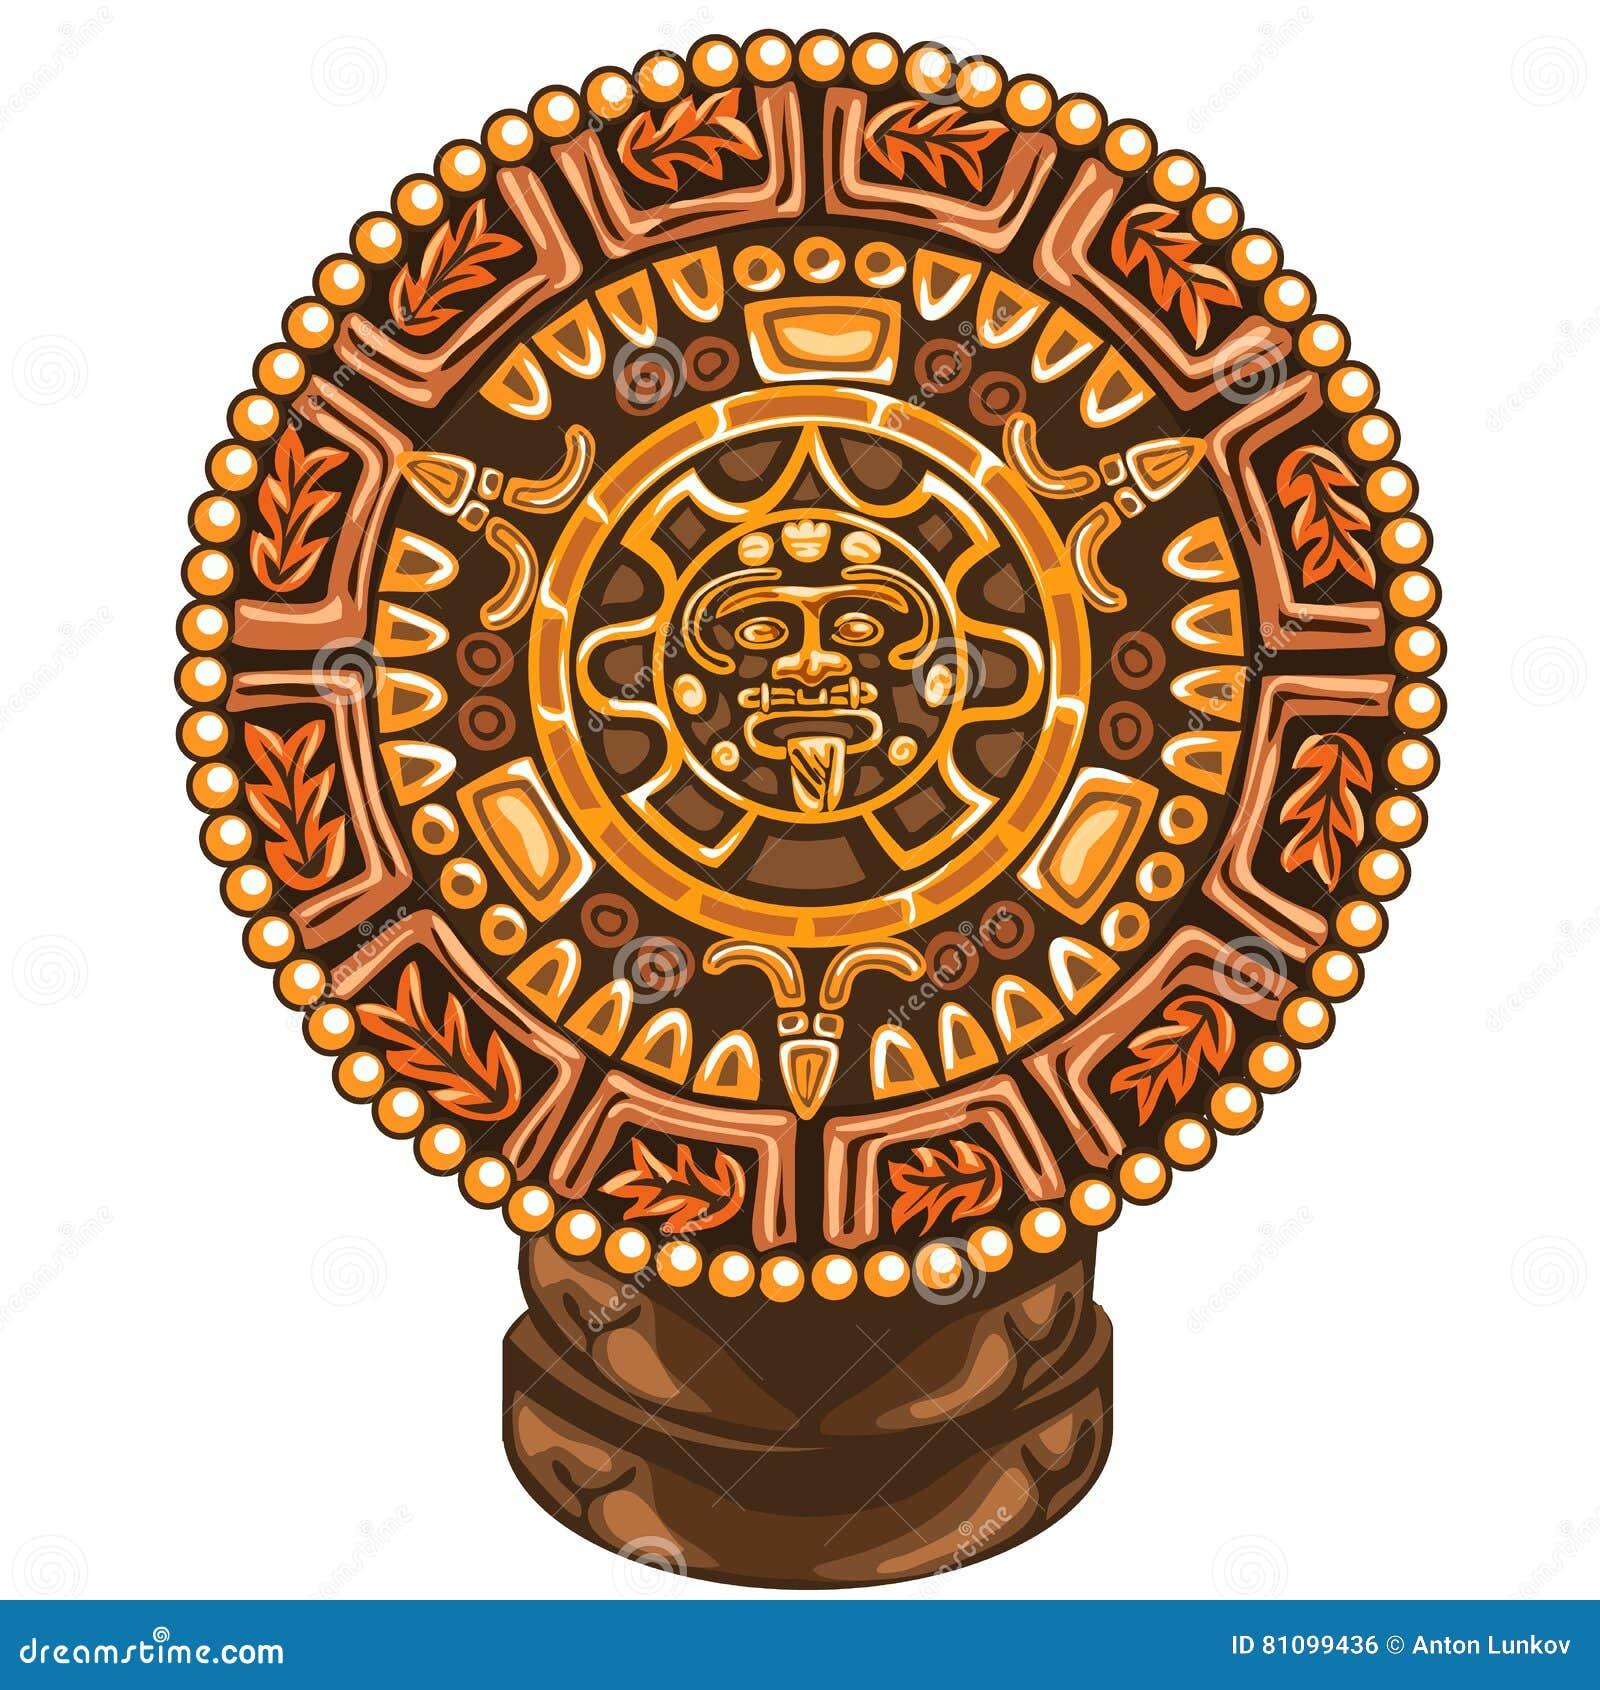 Calendario Antico.Calendario Antico Della Maya Su Fondo Bianco Illustrazione